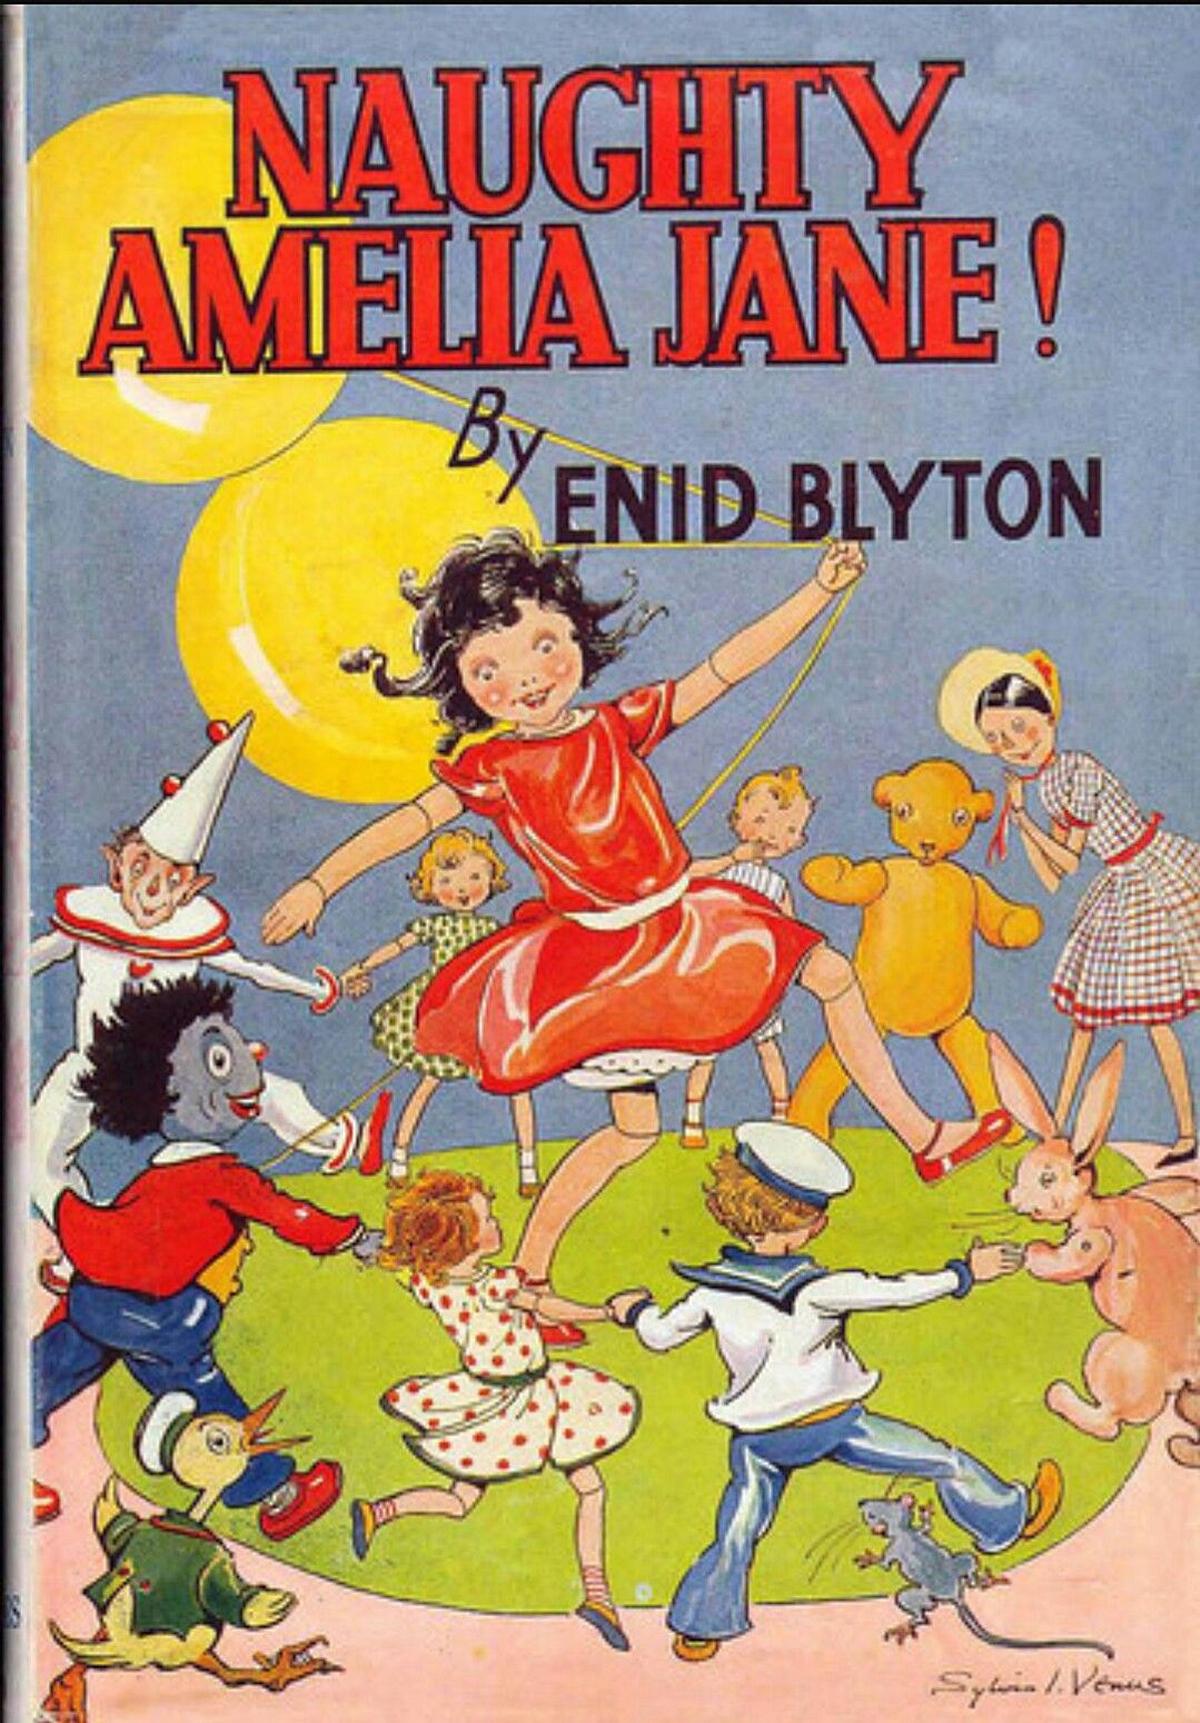 11 10 12 Enid Blyton Books We Loved Reading As Children